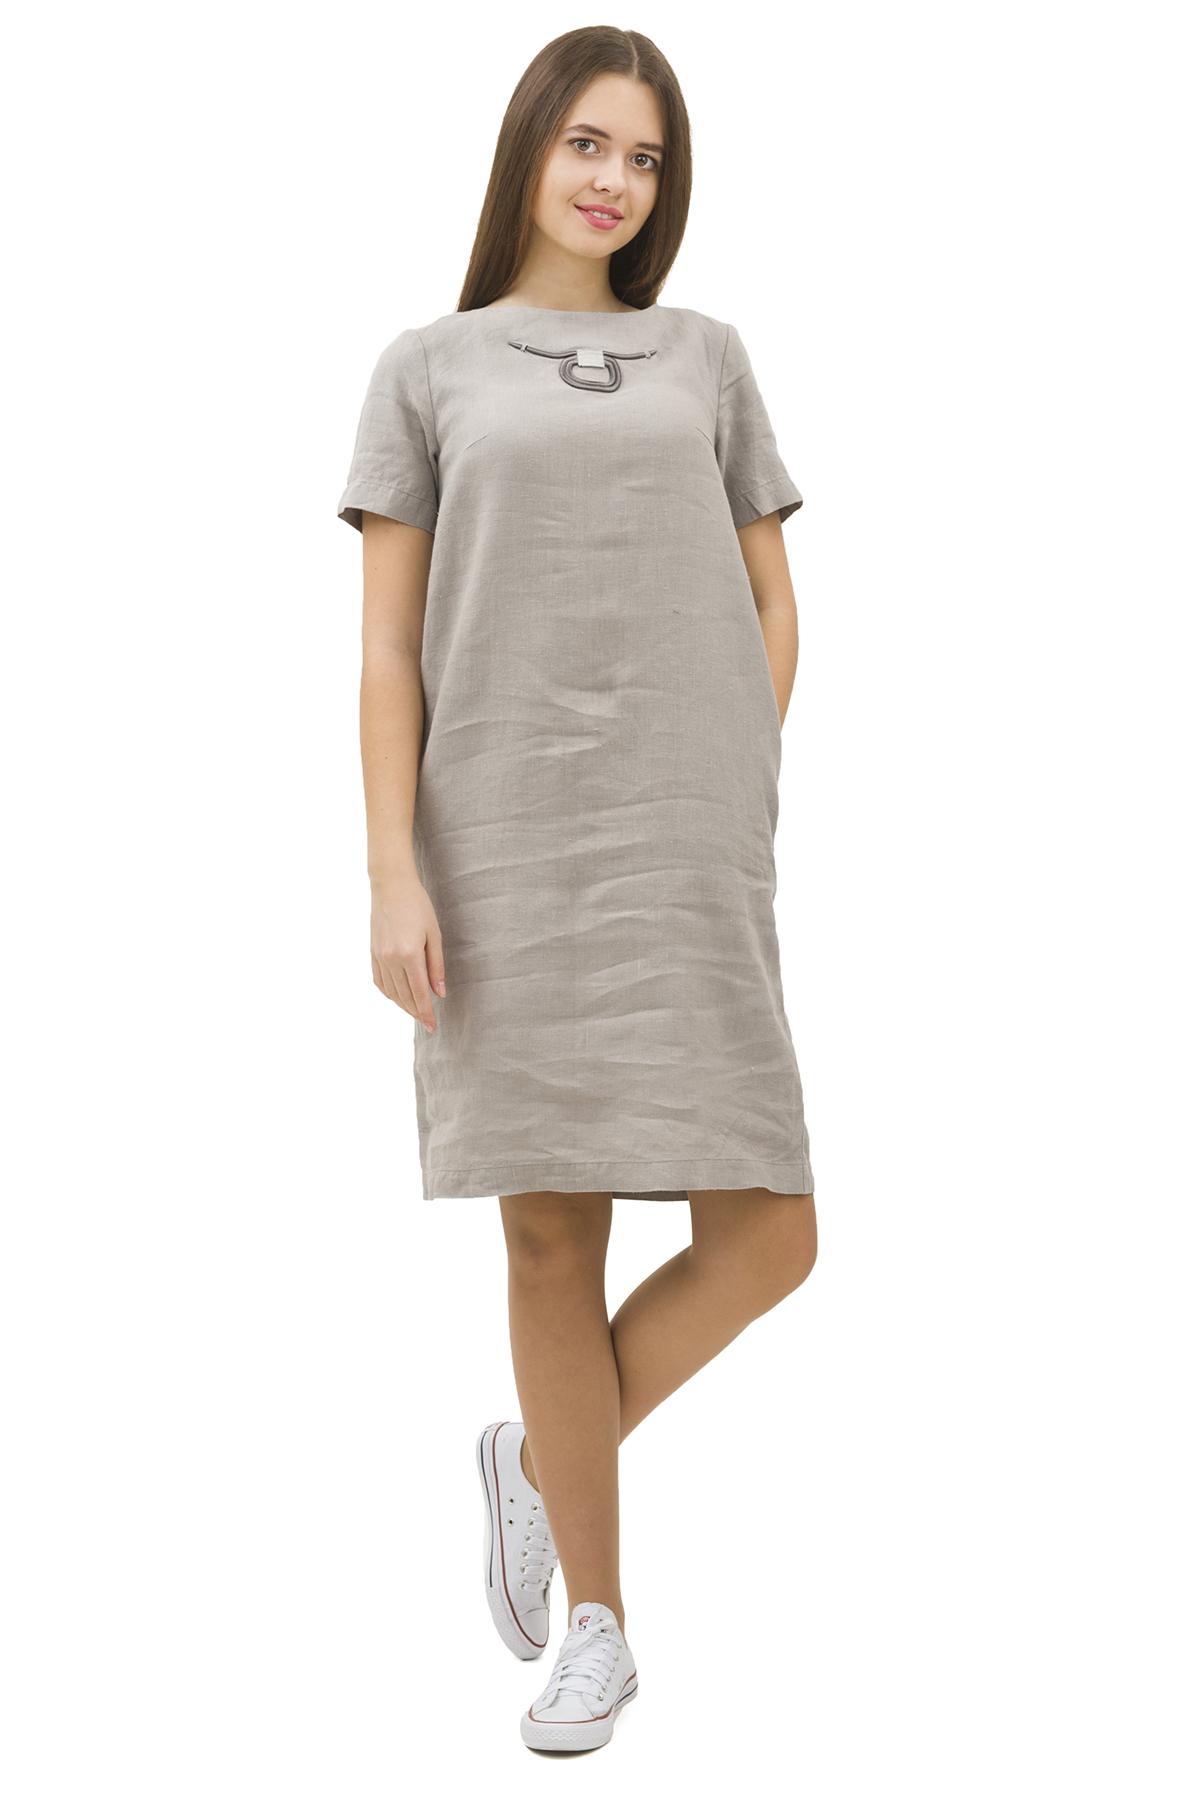 ПлатьеПлатья,  сарафаны<br>Стильное платье выполнено из натуральной ткани - льна. Данная модель удачно подчеркнет красоту Вашей фигуры, а яркая расцветка  не оставит Вас незамеченной.<br><br>Цвет: серый<br>Состав: 100% лен<br>Размер: 40,42,44,46,48,50,52,54,56,58,60<br>Страна дизайна: Россия<br>Страна производства: Россия